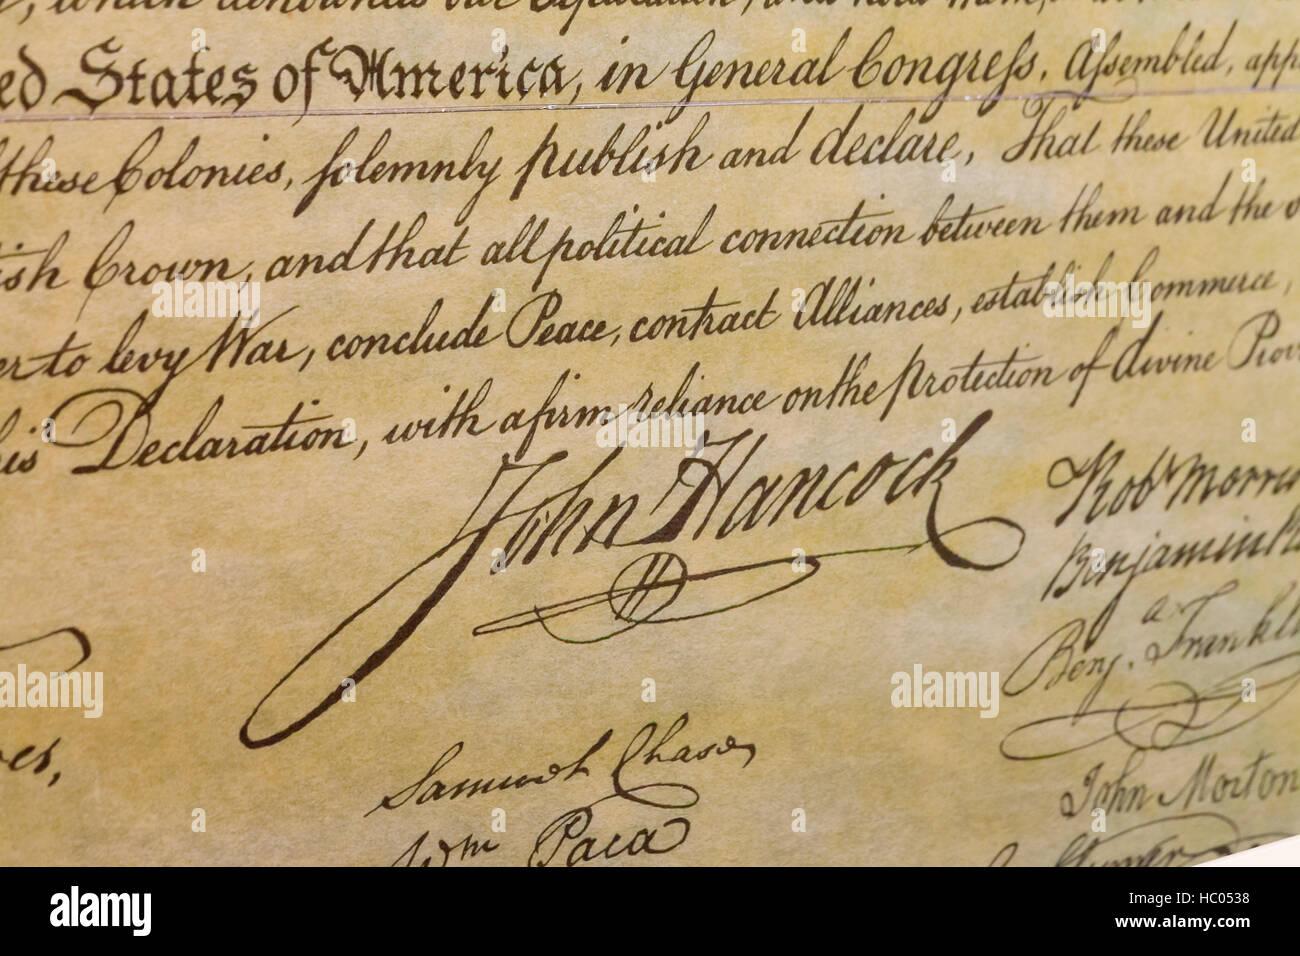 John Hancock Signatur wie gezeigt auf die vertieft Kopie der Unabhängigkeitserklärung Stockbild